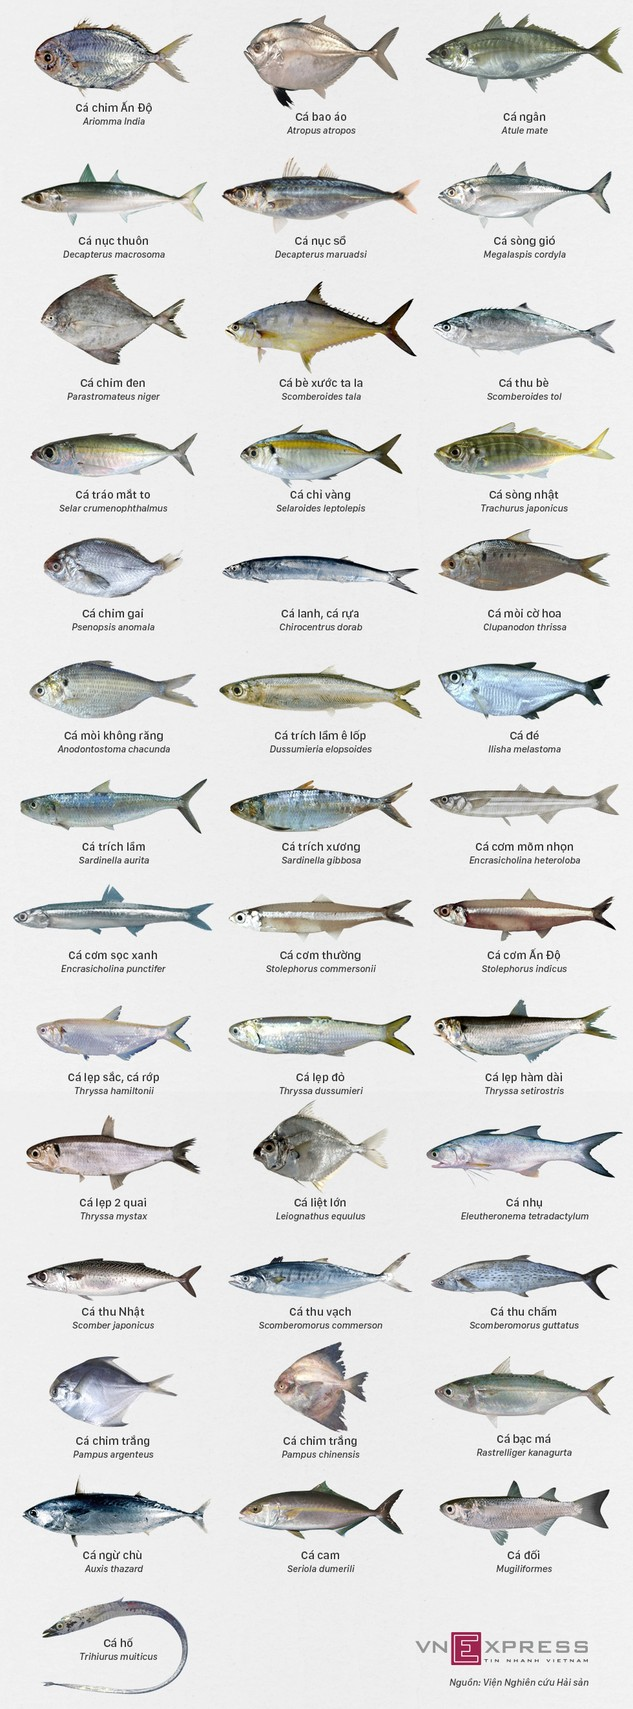 Các loại cá biển miền Trung khuyến cáo an toàn để ăn